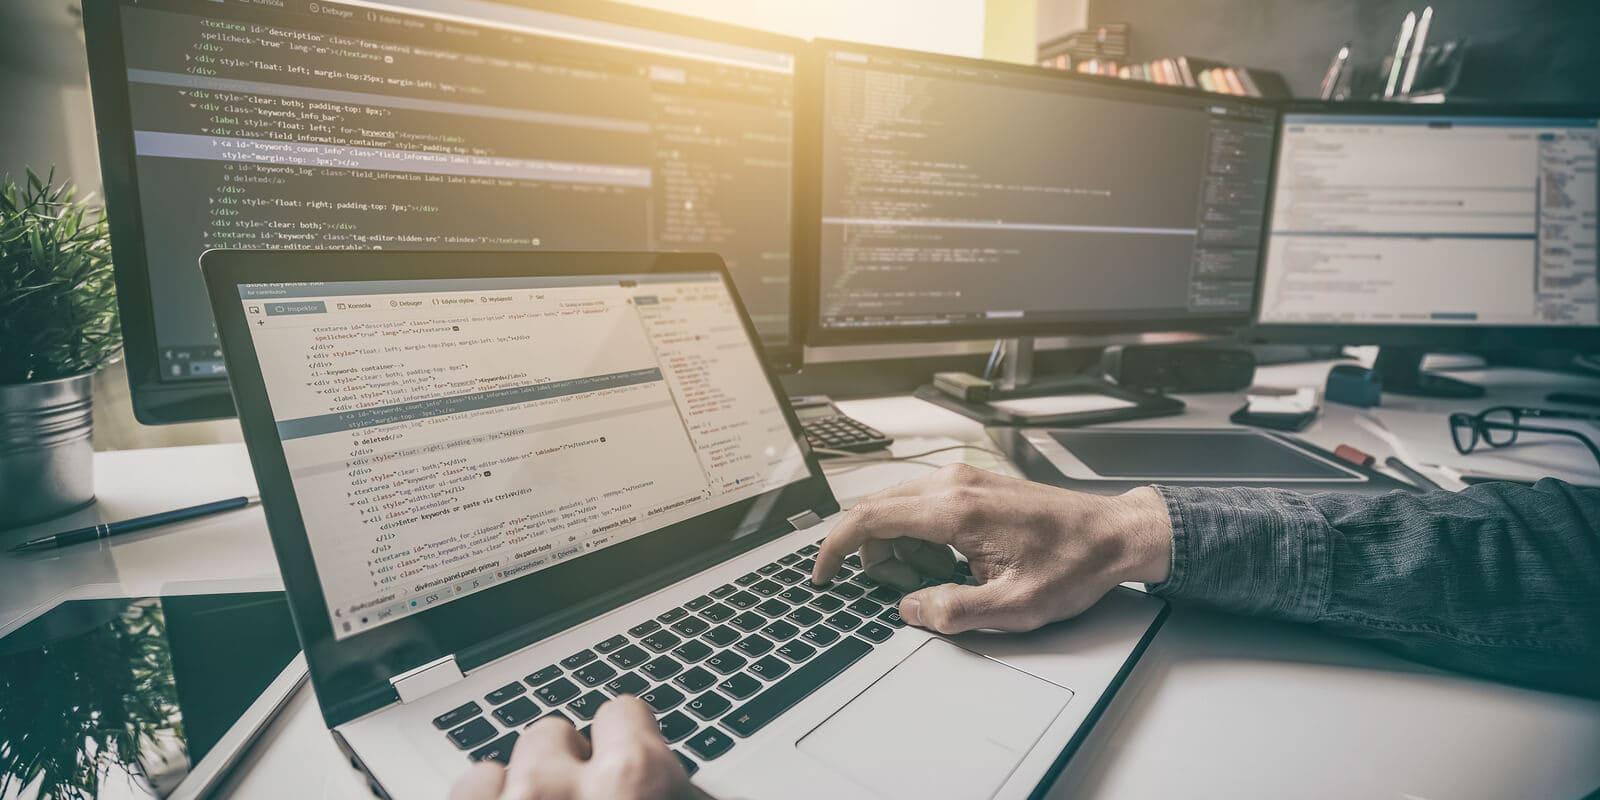 Программирование vs. Веб-разработка. В чем разница? - IT-Курсы в Минске